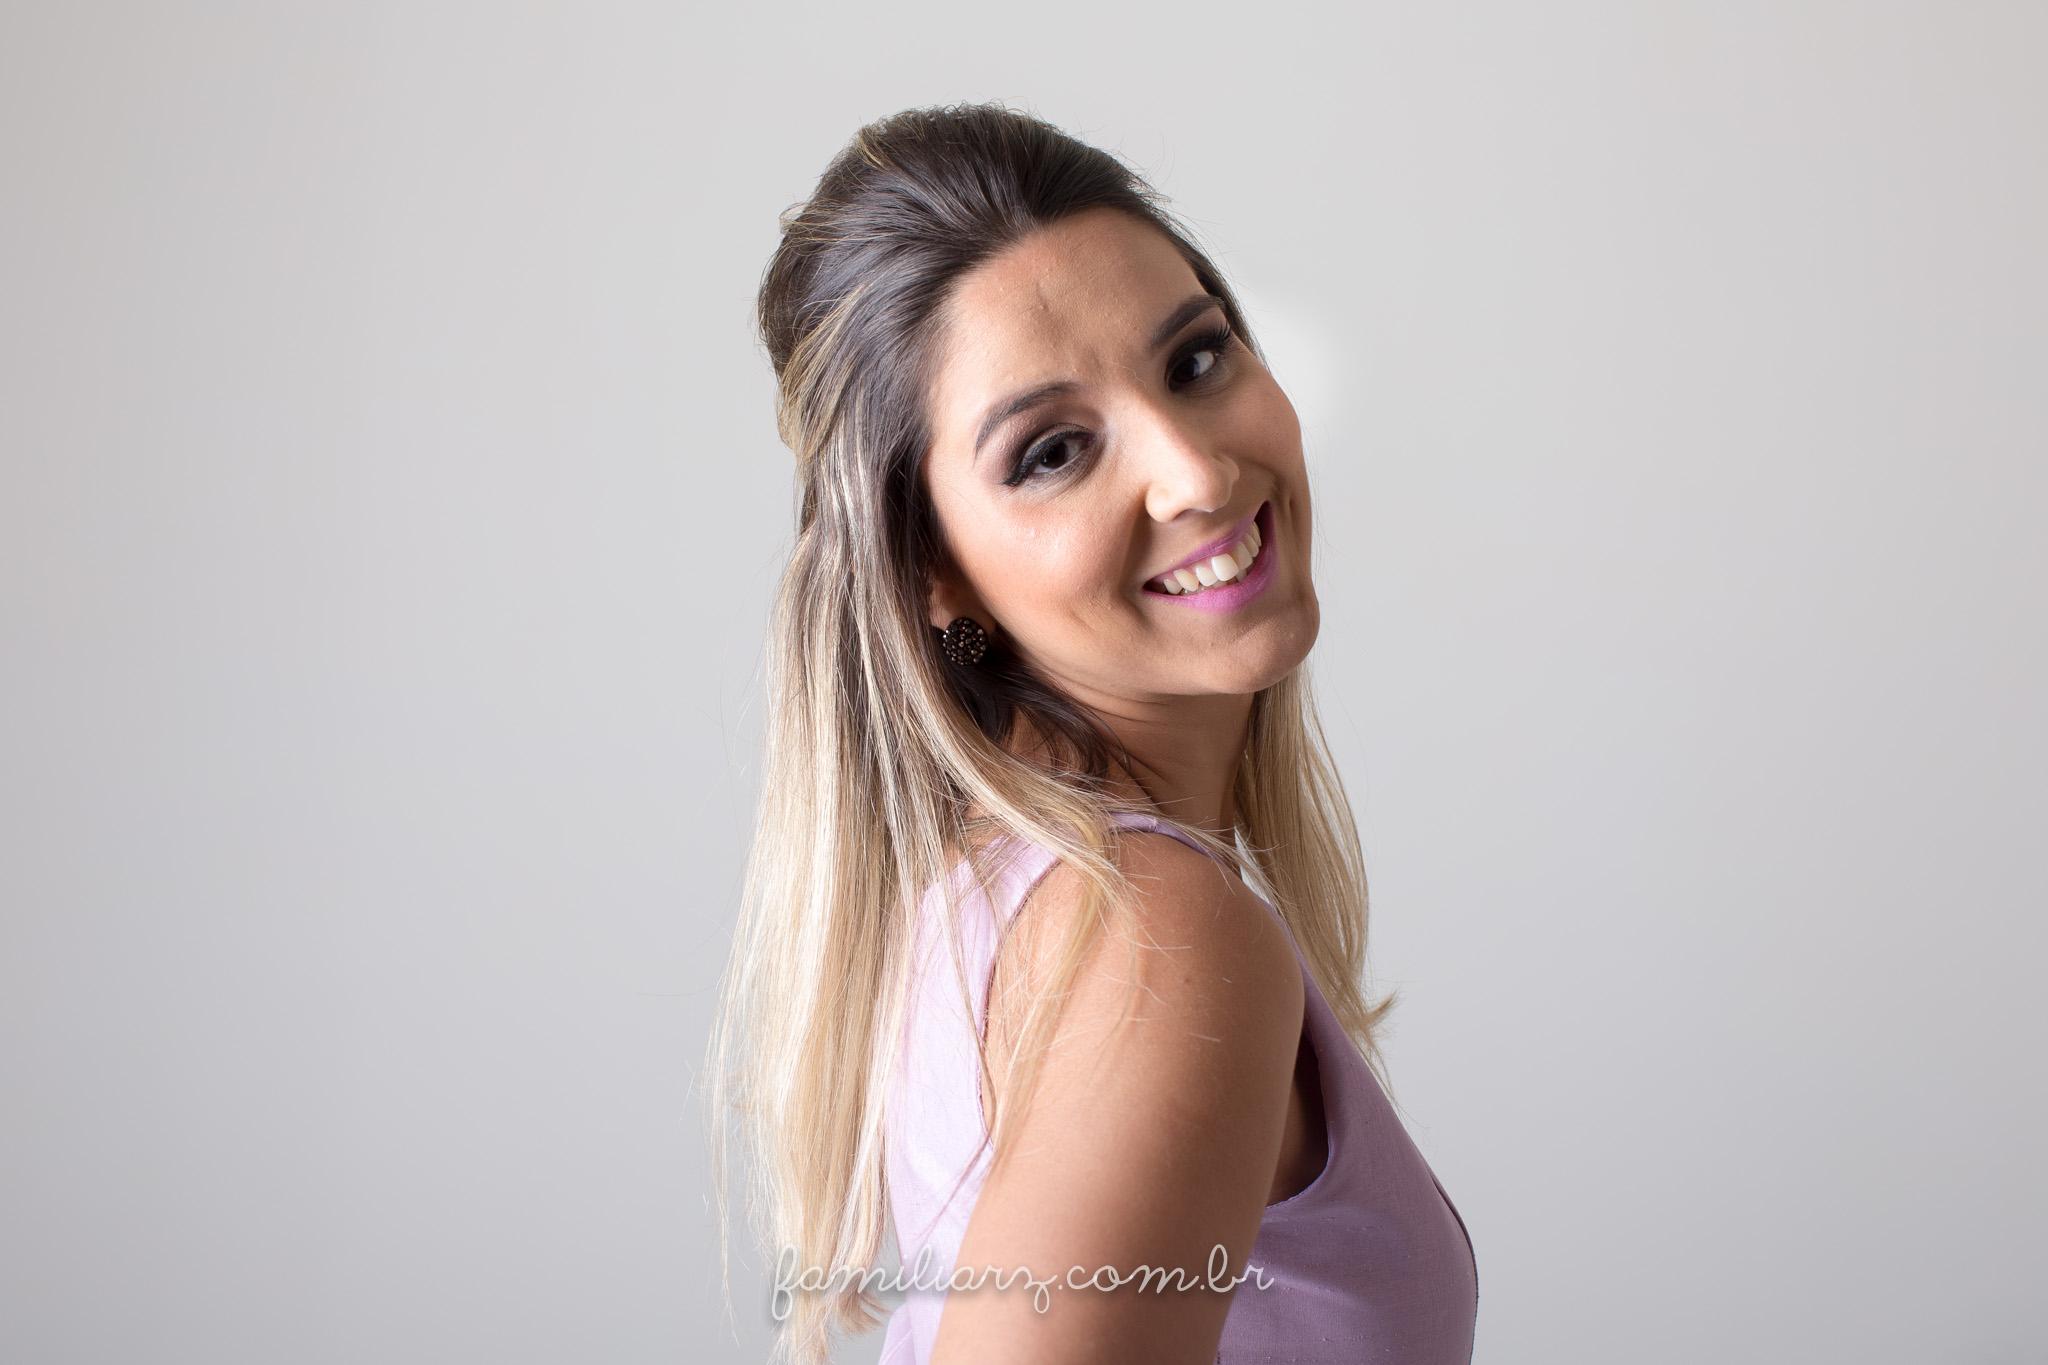 Caroline-2